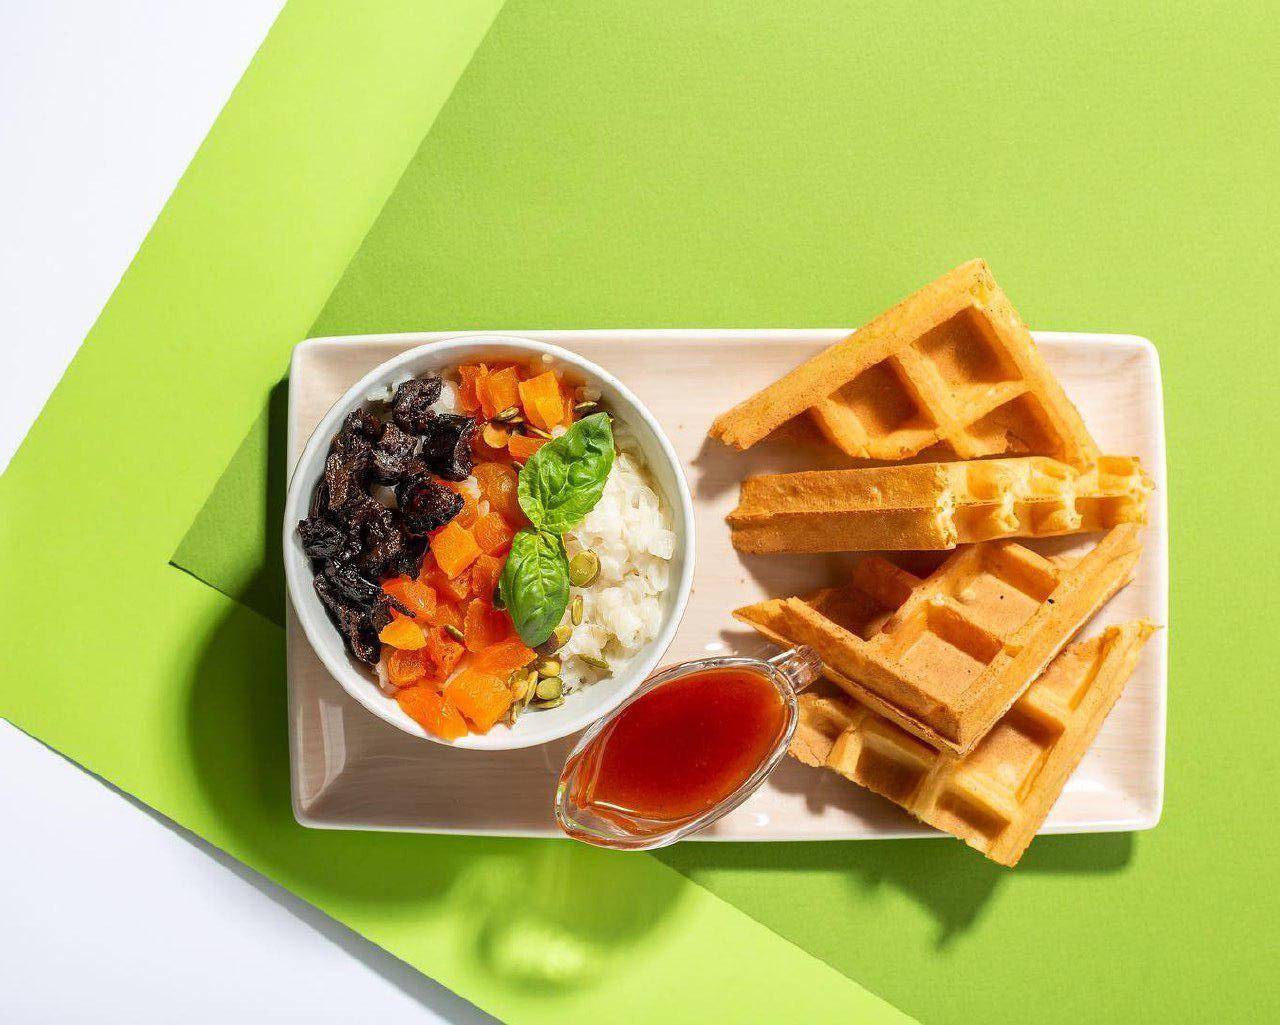 Рисовая каша с сухофруктами и постной вафлей ©Фото со страницы кафе «#Вафливафли» в инстаграме, www.instagram.com/vaflivafli